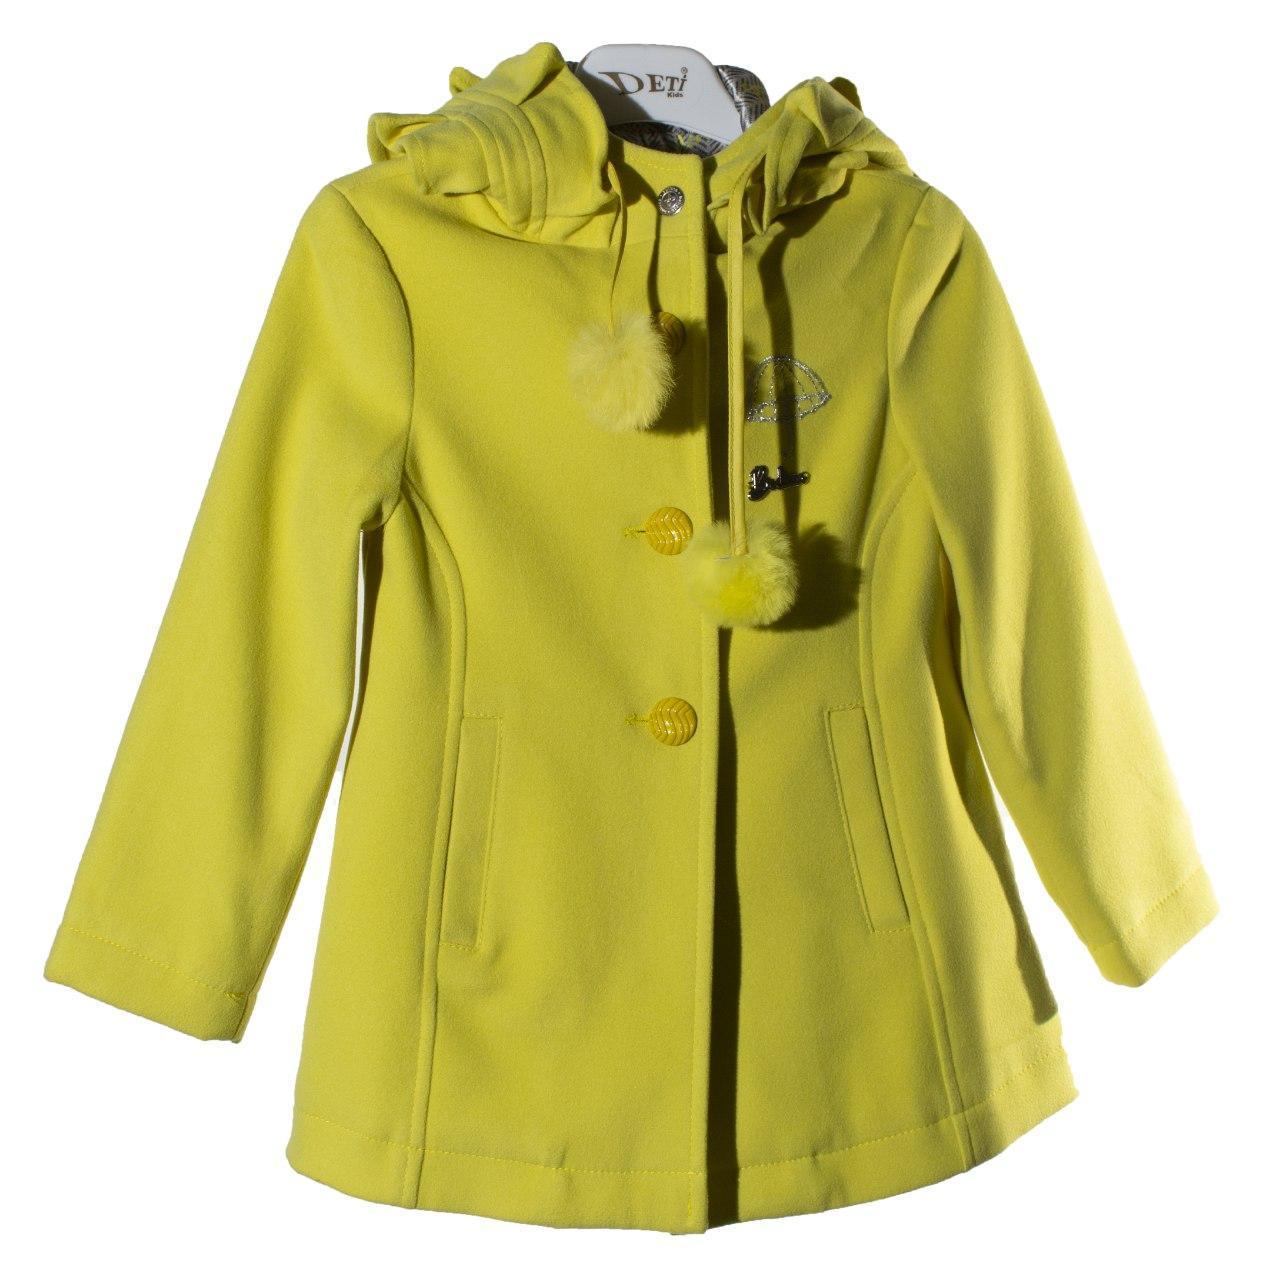 Демисезонное пальто для девочки, осень/весна, размеры 3, 4 года, 5, 6 лет